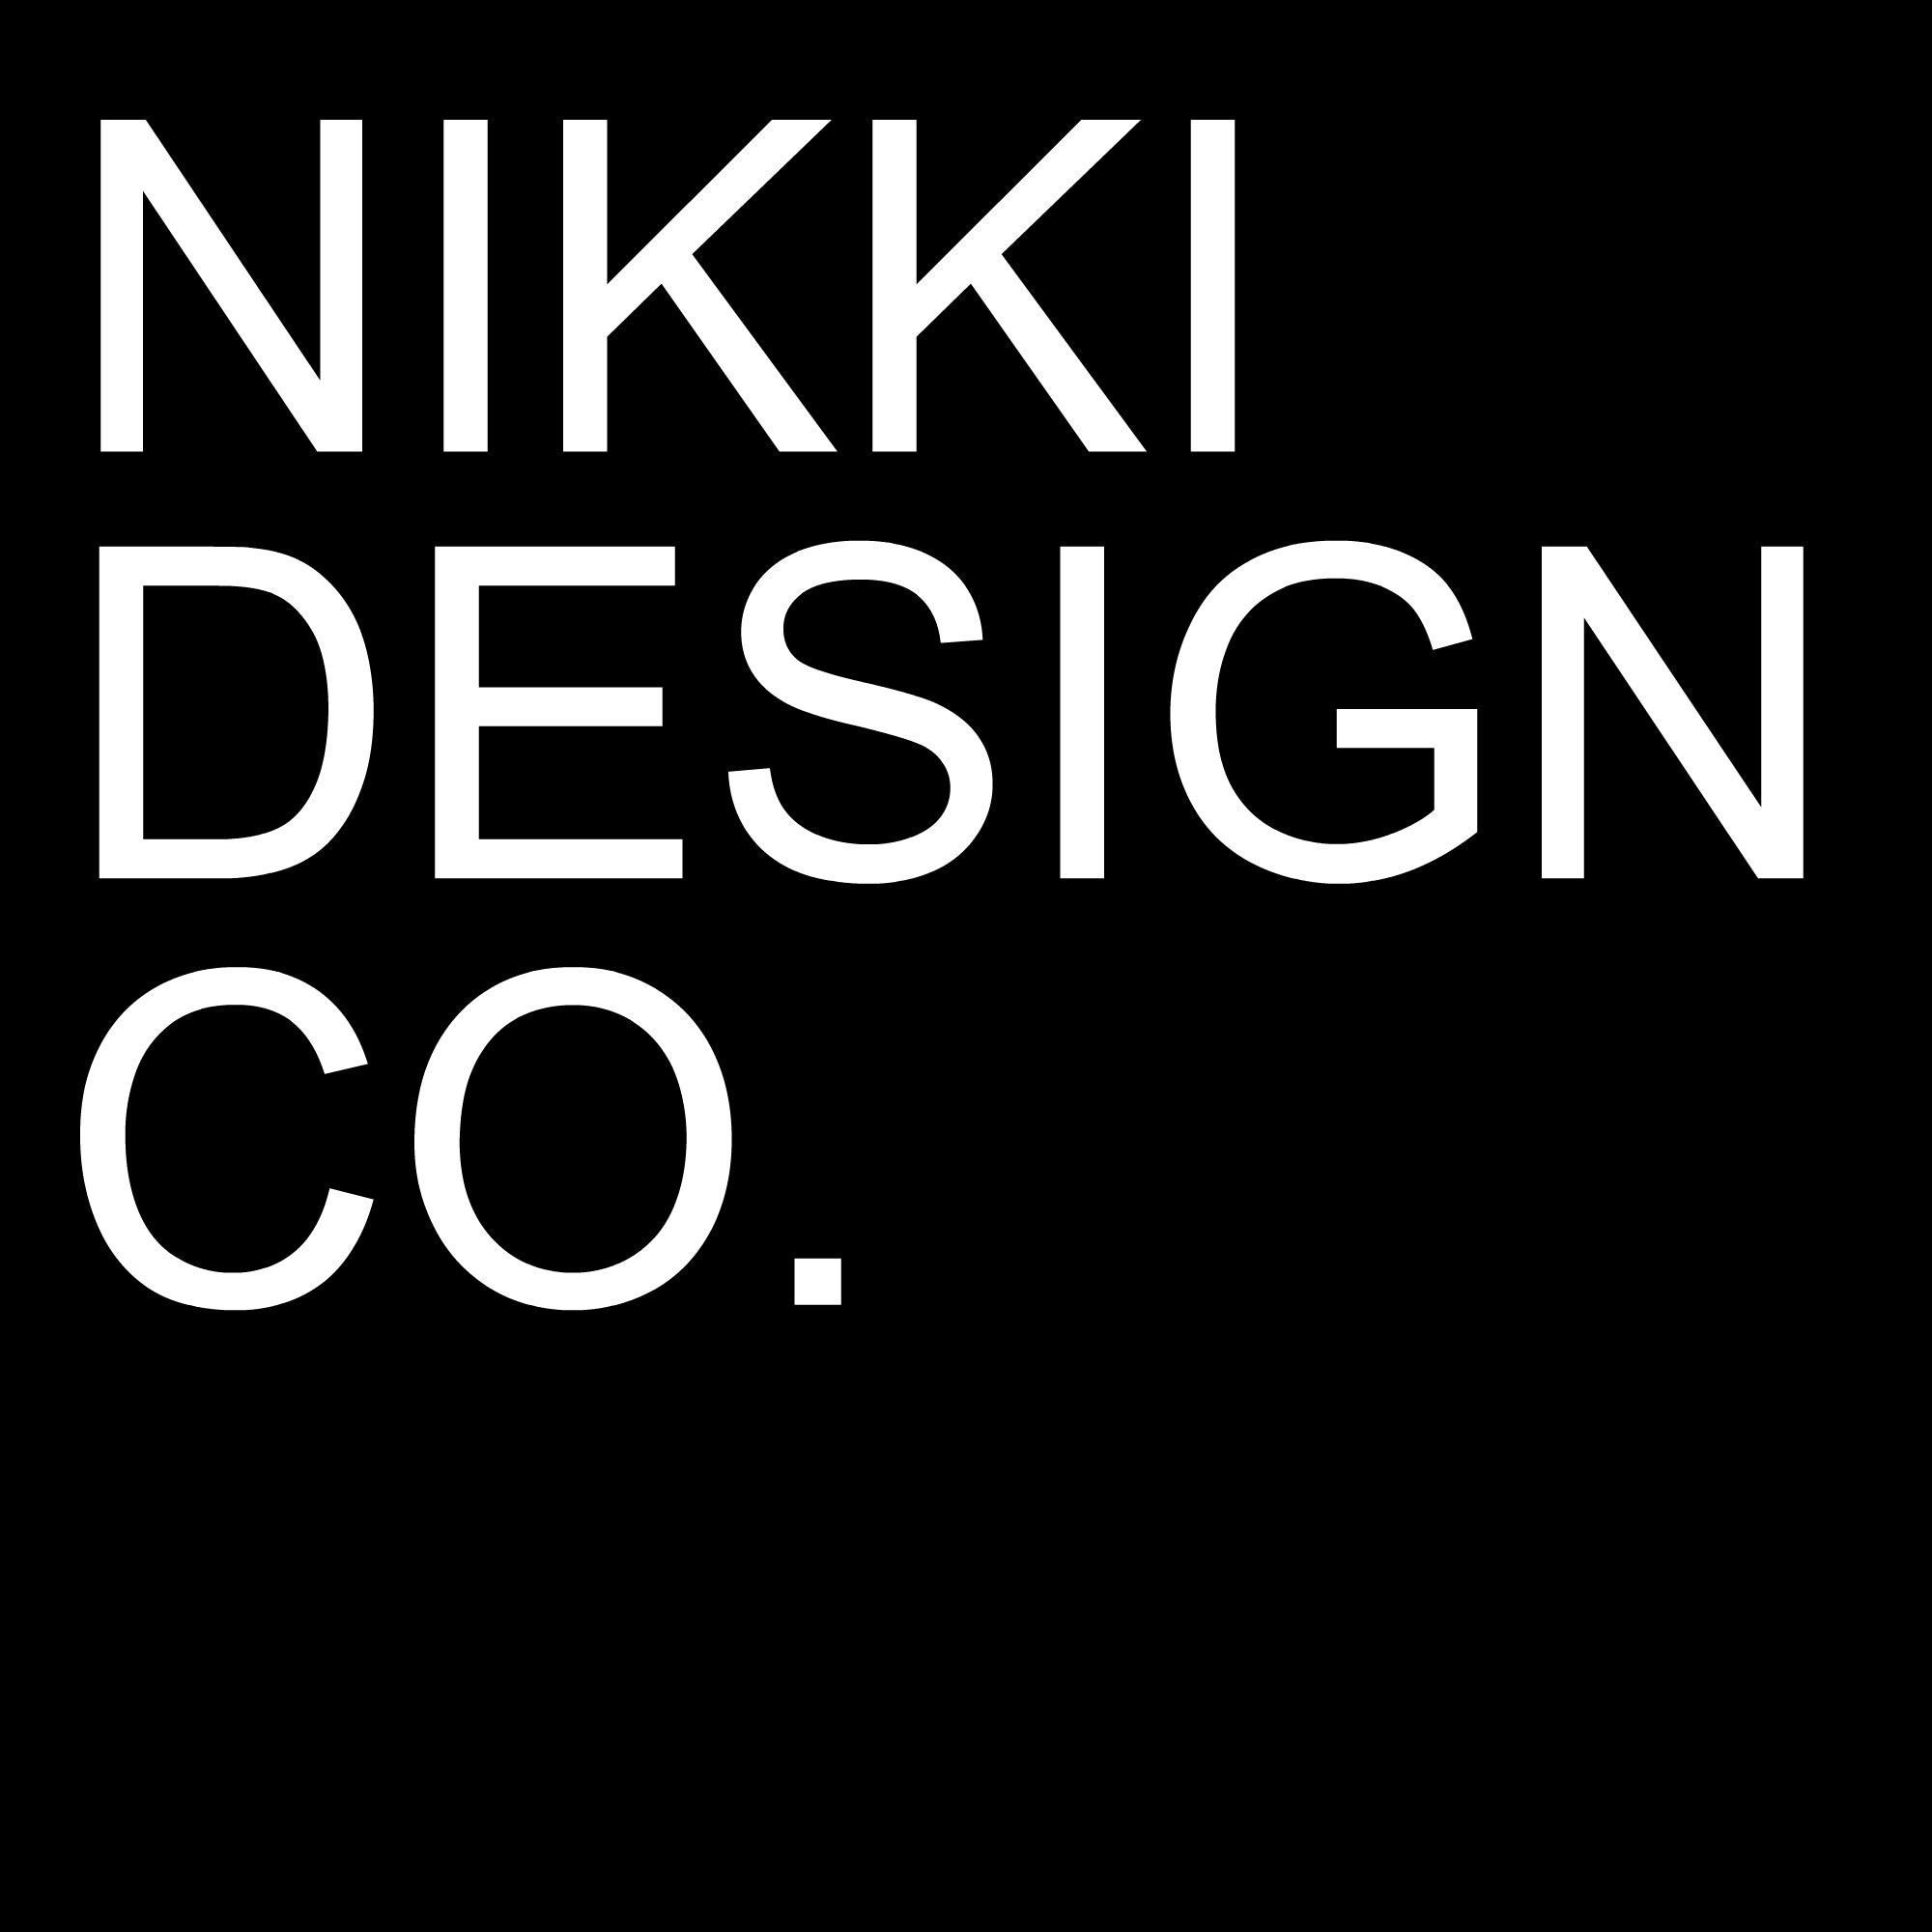 NikkiDesignCo